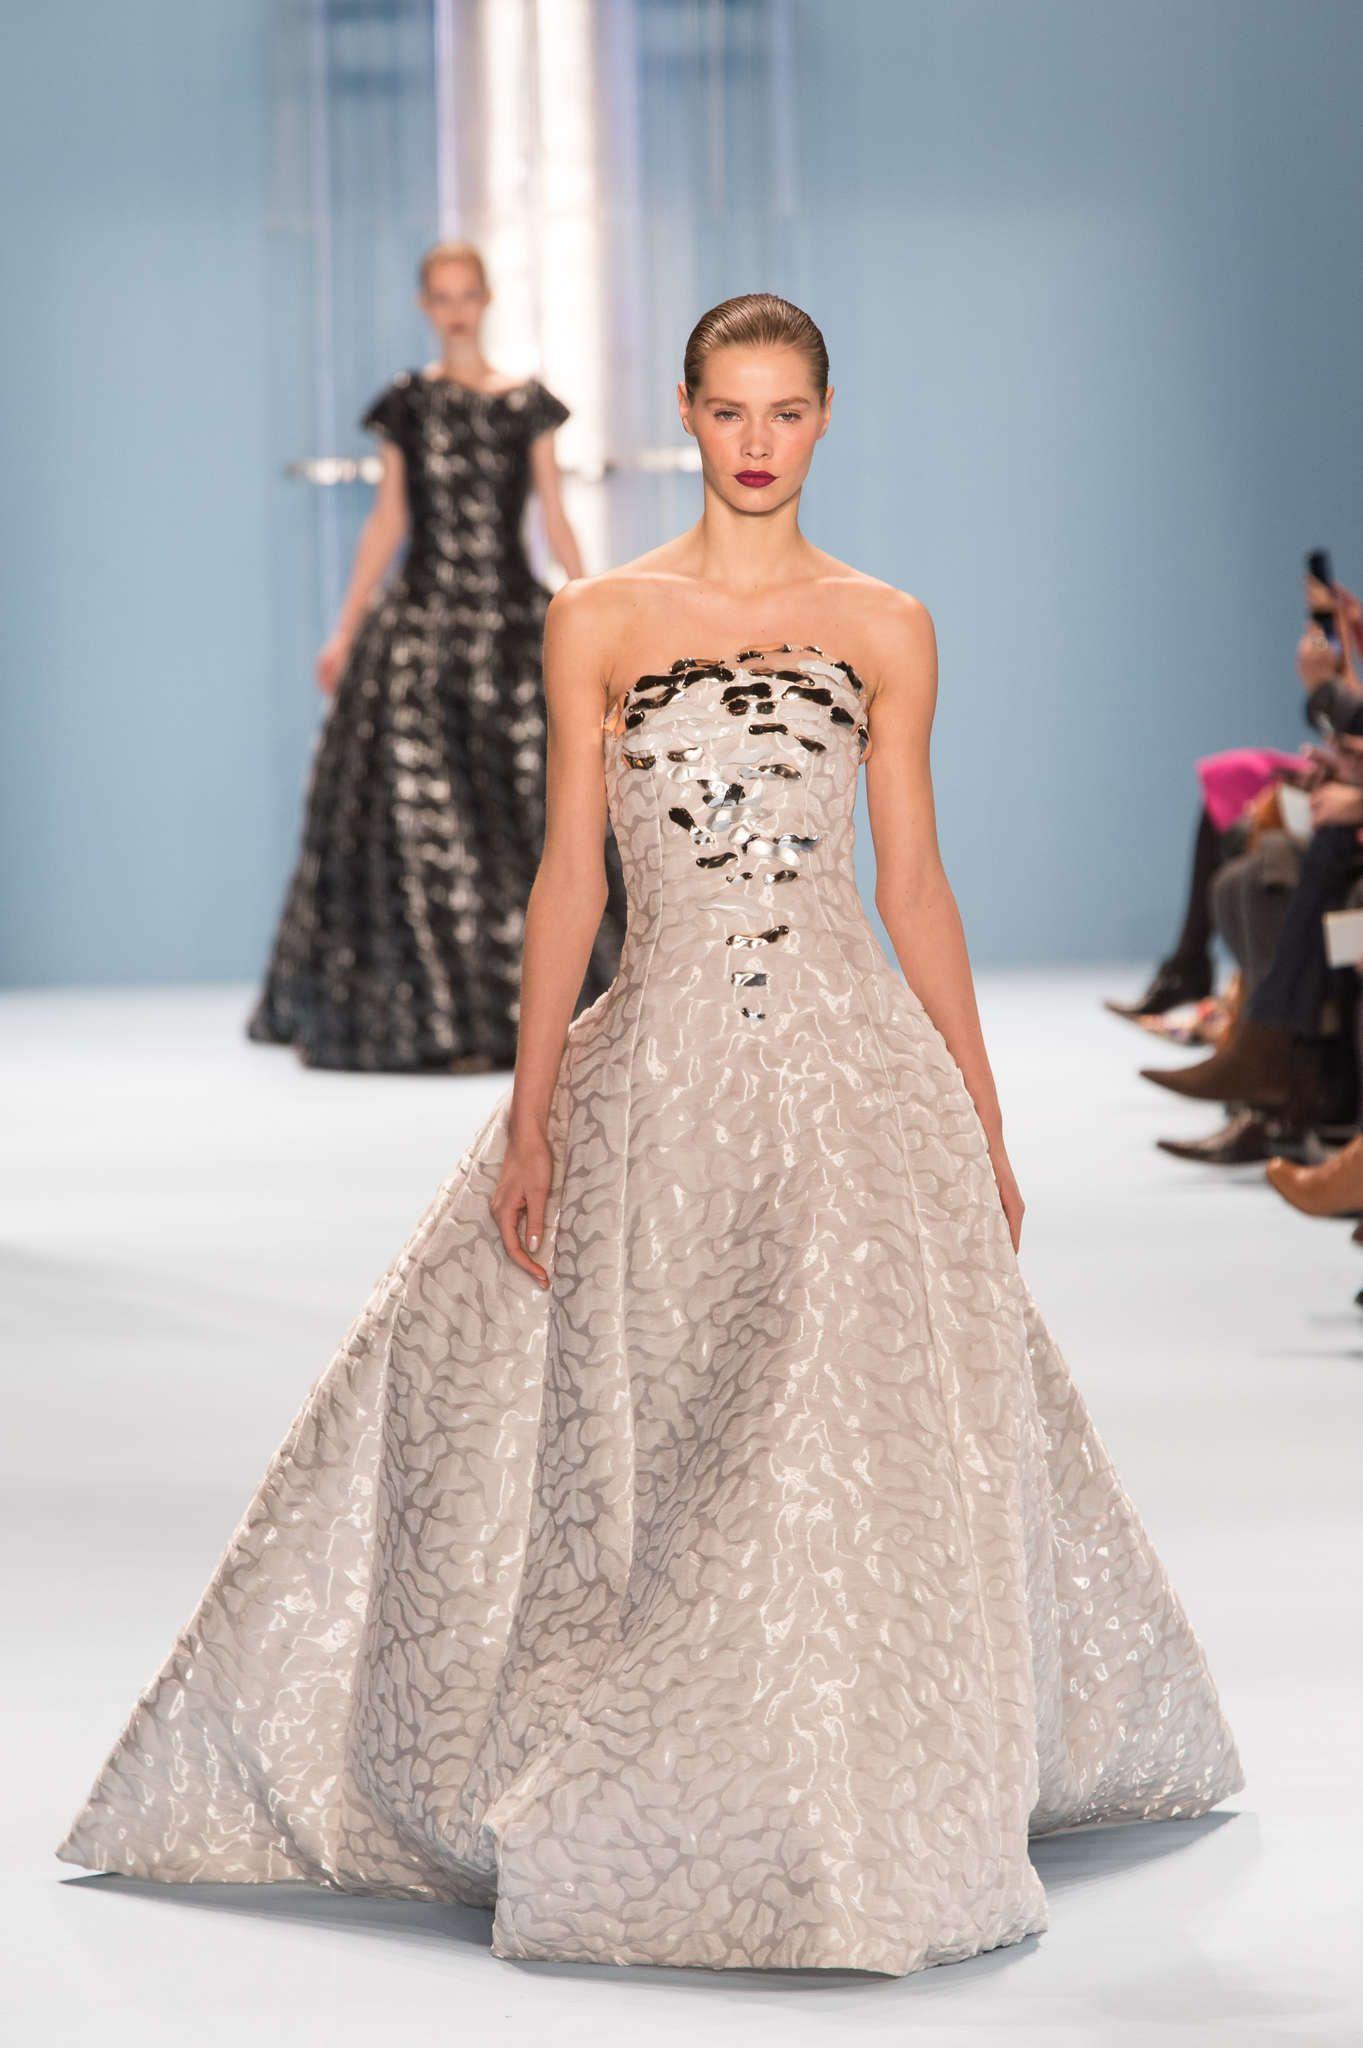 Carolina Herrera   Платья, Модный показ, Модные стили